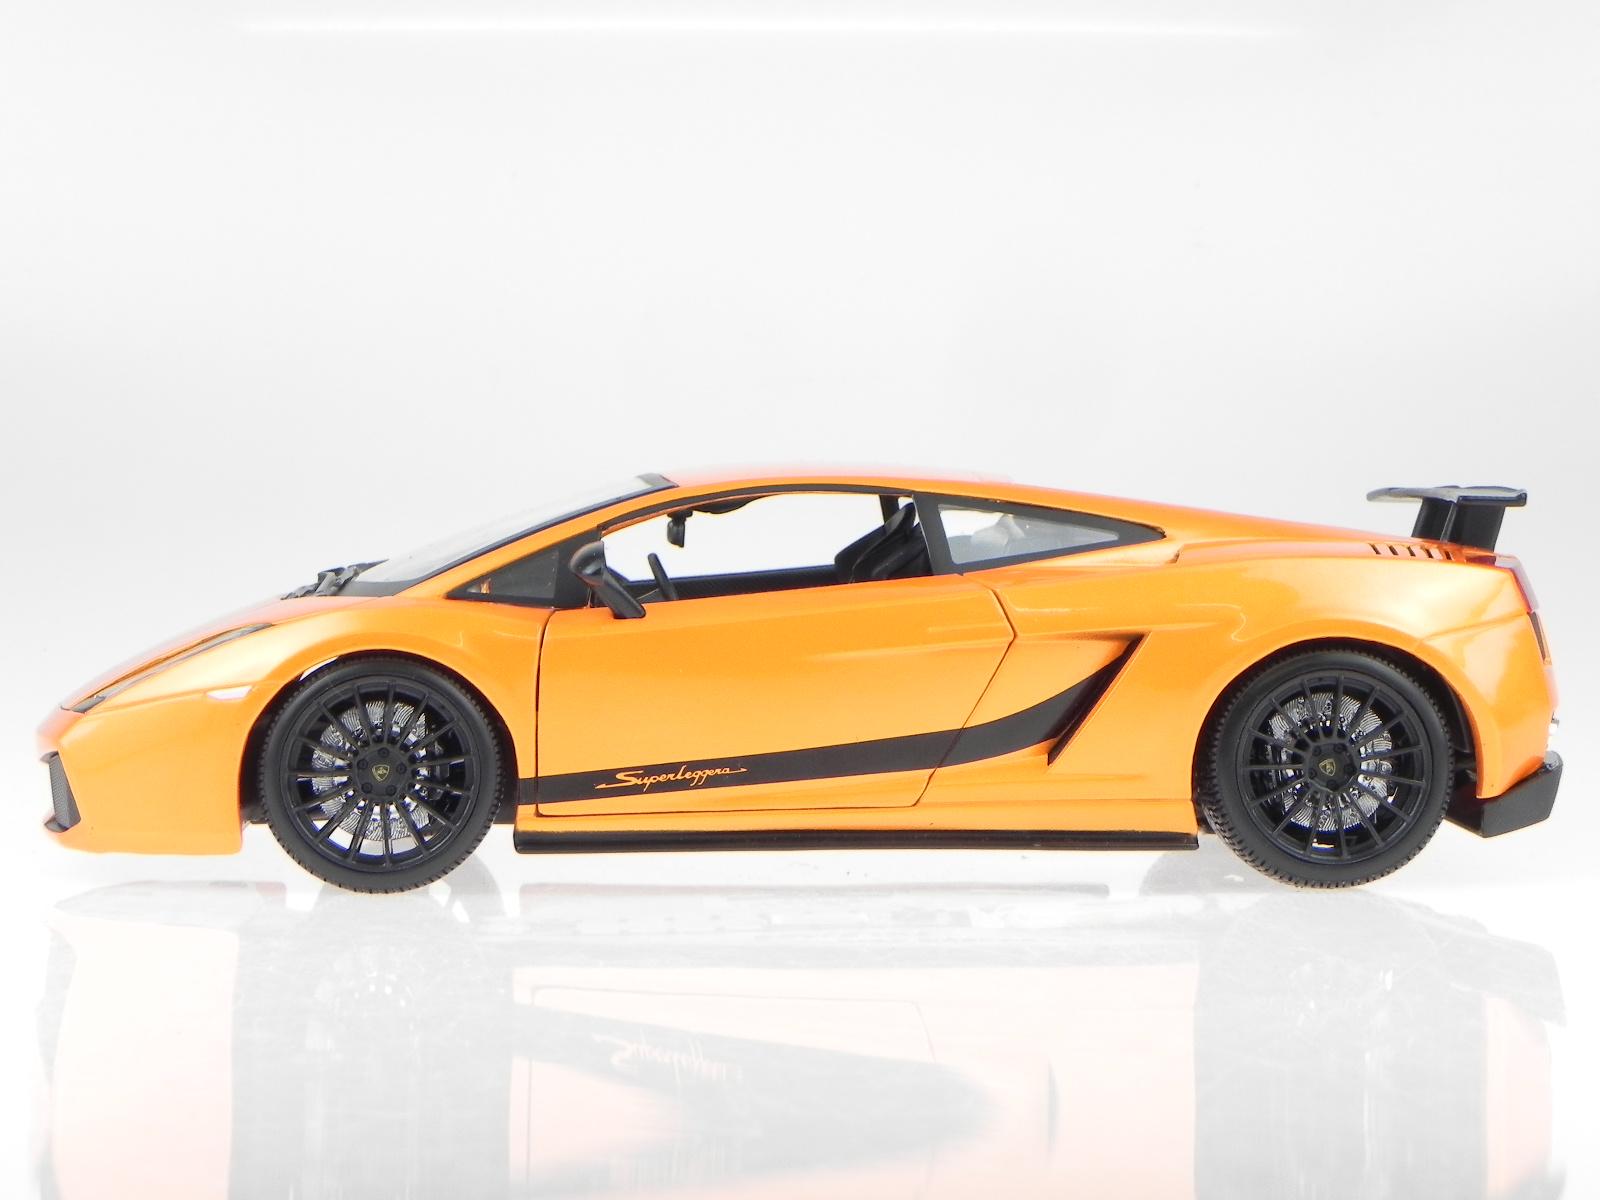 Lamborghini Gallardo Superleggera Orange véhicule miniature 31149 Maisto 1 18 18 18 c9c2d6